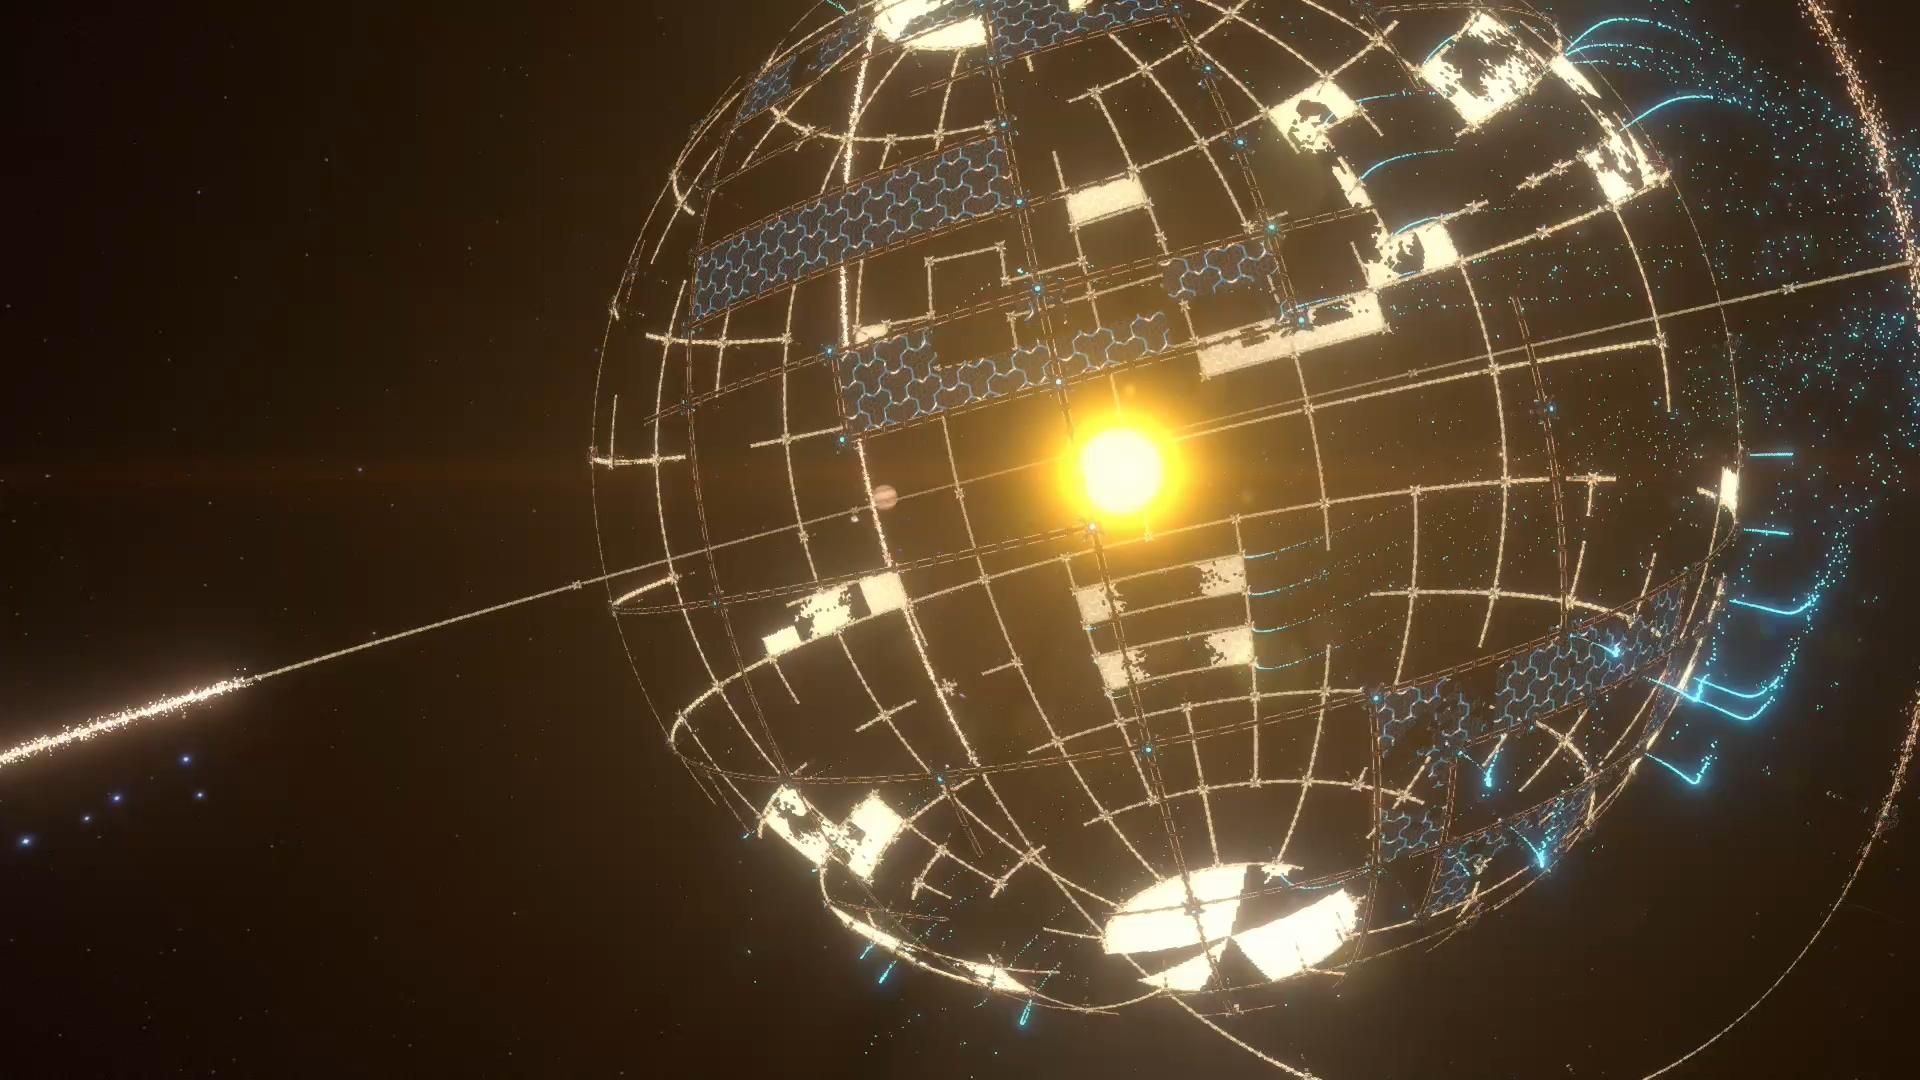 见证伟大奇迹的诞生 国产科幻游戏《戴森球计划》官方全球首播